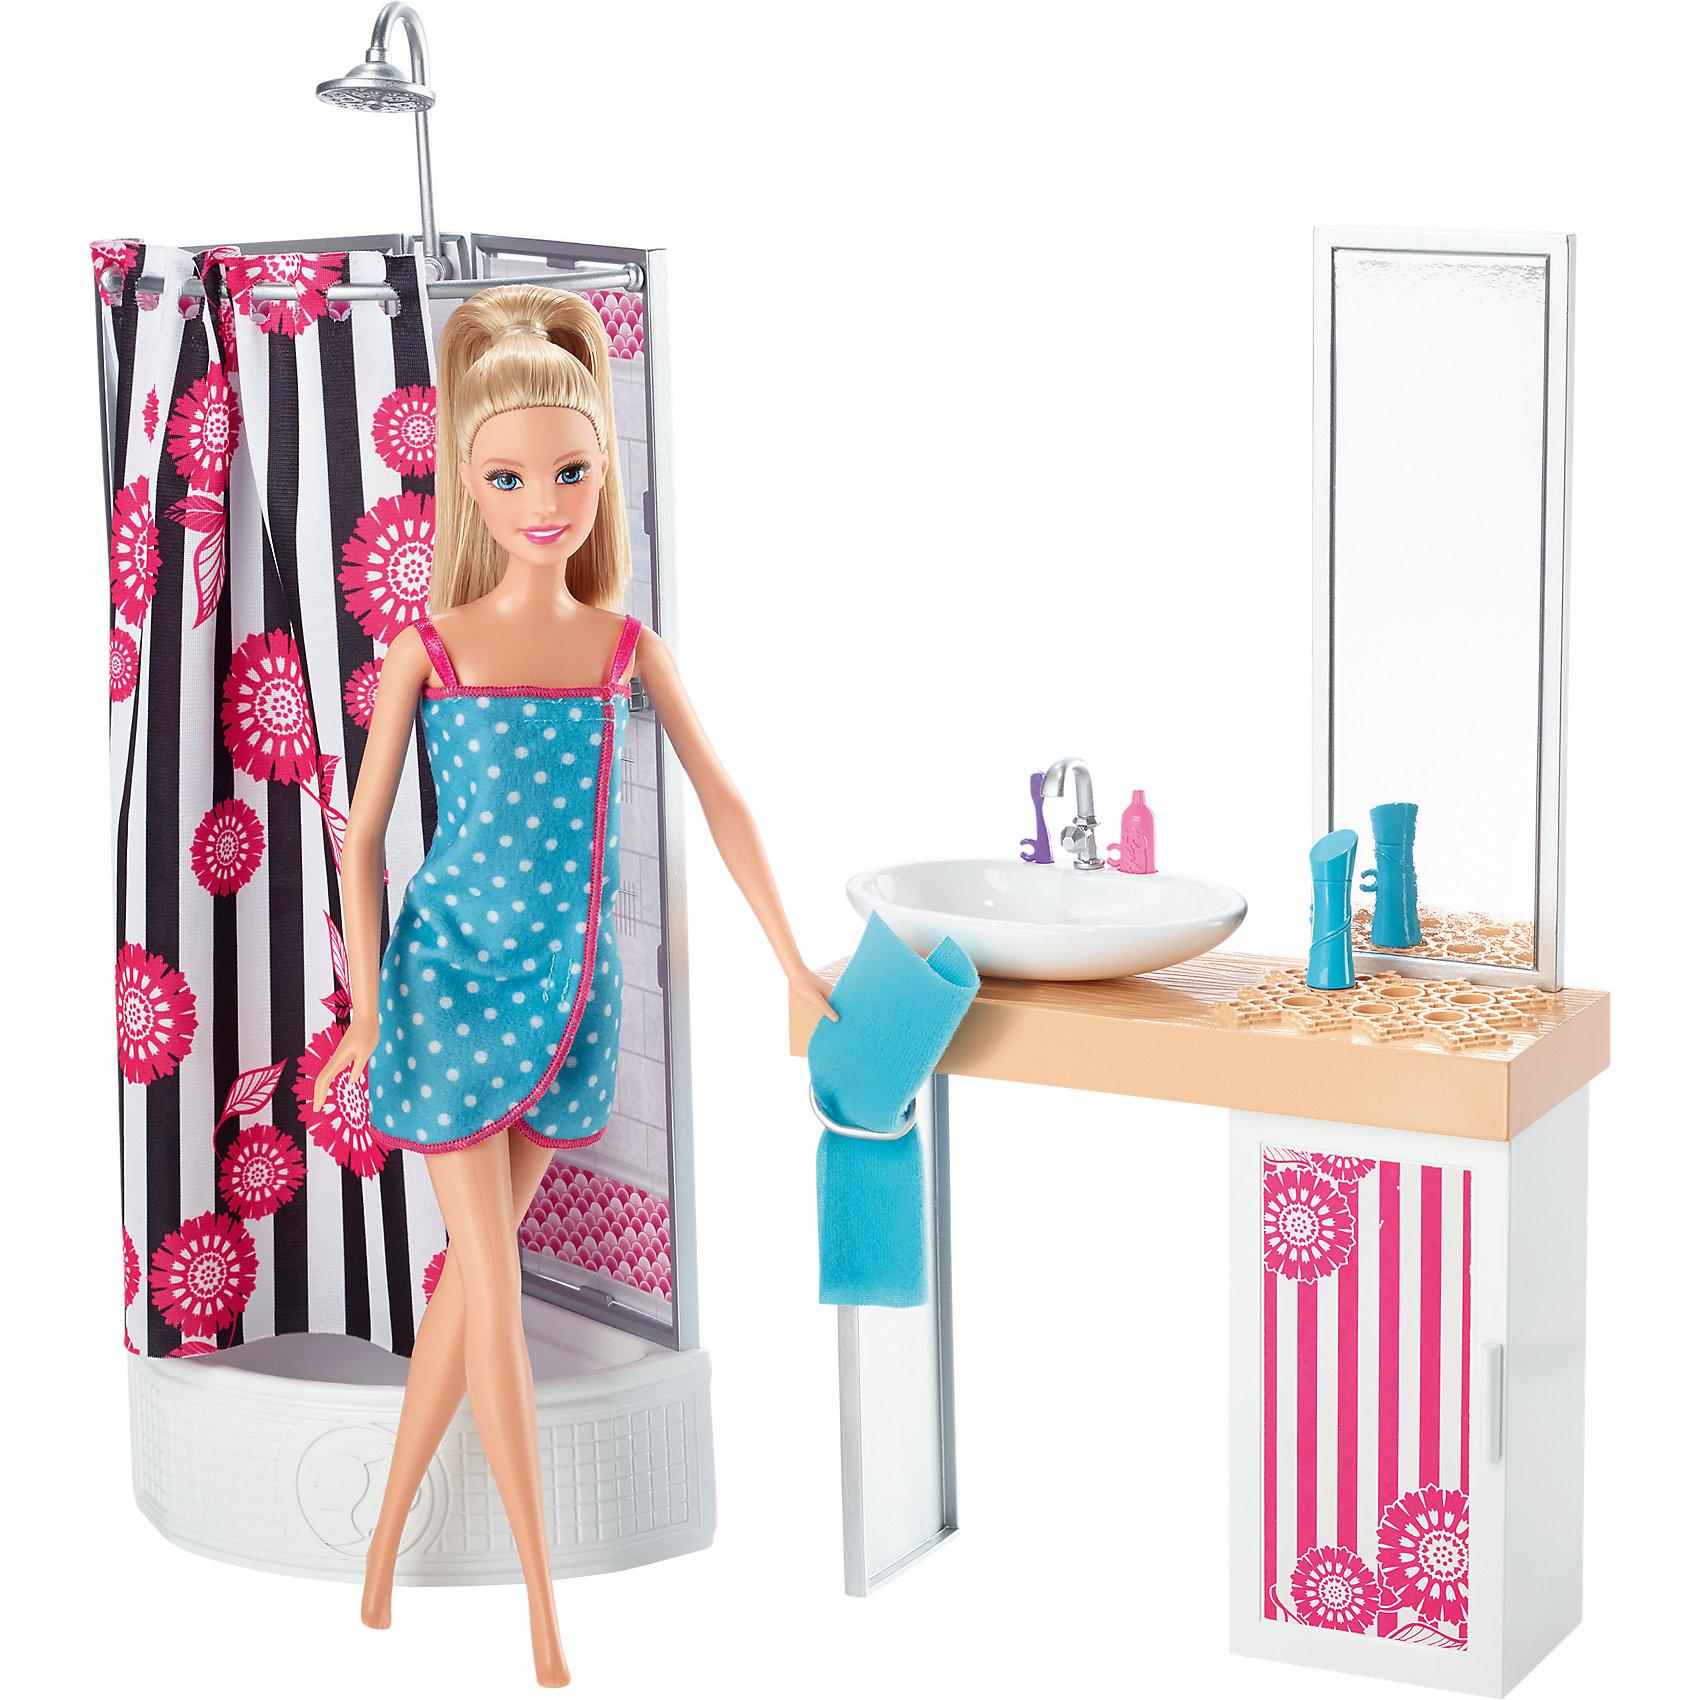 Кукла + Комплект мебели Роскошная ванная, BarbieBarbie Игрушки<br>Характеристики товара:<br><br>• комплектация: кукла, душевая кабина, раковины со шкафчиком и зеркалом<br>• материал: пластик, текстиль<br>• высота куклы: 28 см<br>• размер упаковки: 33х9х33 см<br>• упаковка: блистер<br>• возраст: от трех лет<br>• страна производства: Китай<br>• страна бренда: США<br><br>Эта Барби и симпатичный набор мебели поможет разнообразить игры с любимой куклой! В него входят вещи для организации кукле комфортного жизненного пространства. Этот комплект станет великолепным подарком для девочек!<br><br>Куклы - это не только весело, они помогают девочкам развить вкус и чувство стиля, отработать сценарии поведения в обществе, развить воображение и мелкую моторику. Кукла Barbie от бренда Mattel не перестает быть популярной! <br><br>Куклу + Комплект мебели Роскошная ванная от компании Mattel можно купить в нашем интернет-магазине.<br><br>Ширина мм: 335<br>Глубина мм: 329<br>Высота мм: 119<br>Вес г: 738<br>Возраст от месяцев: 36<br>Возраст до месяцев: 96<br>Пол: Женский<br>Возраст: Детский<br>SKU: 3939440